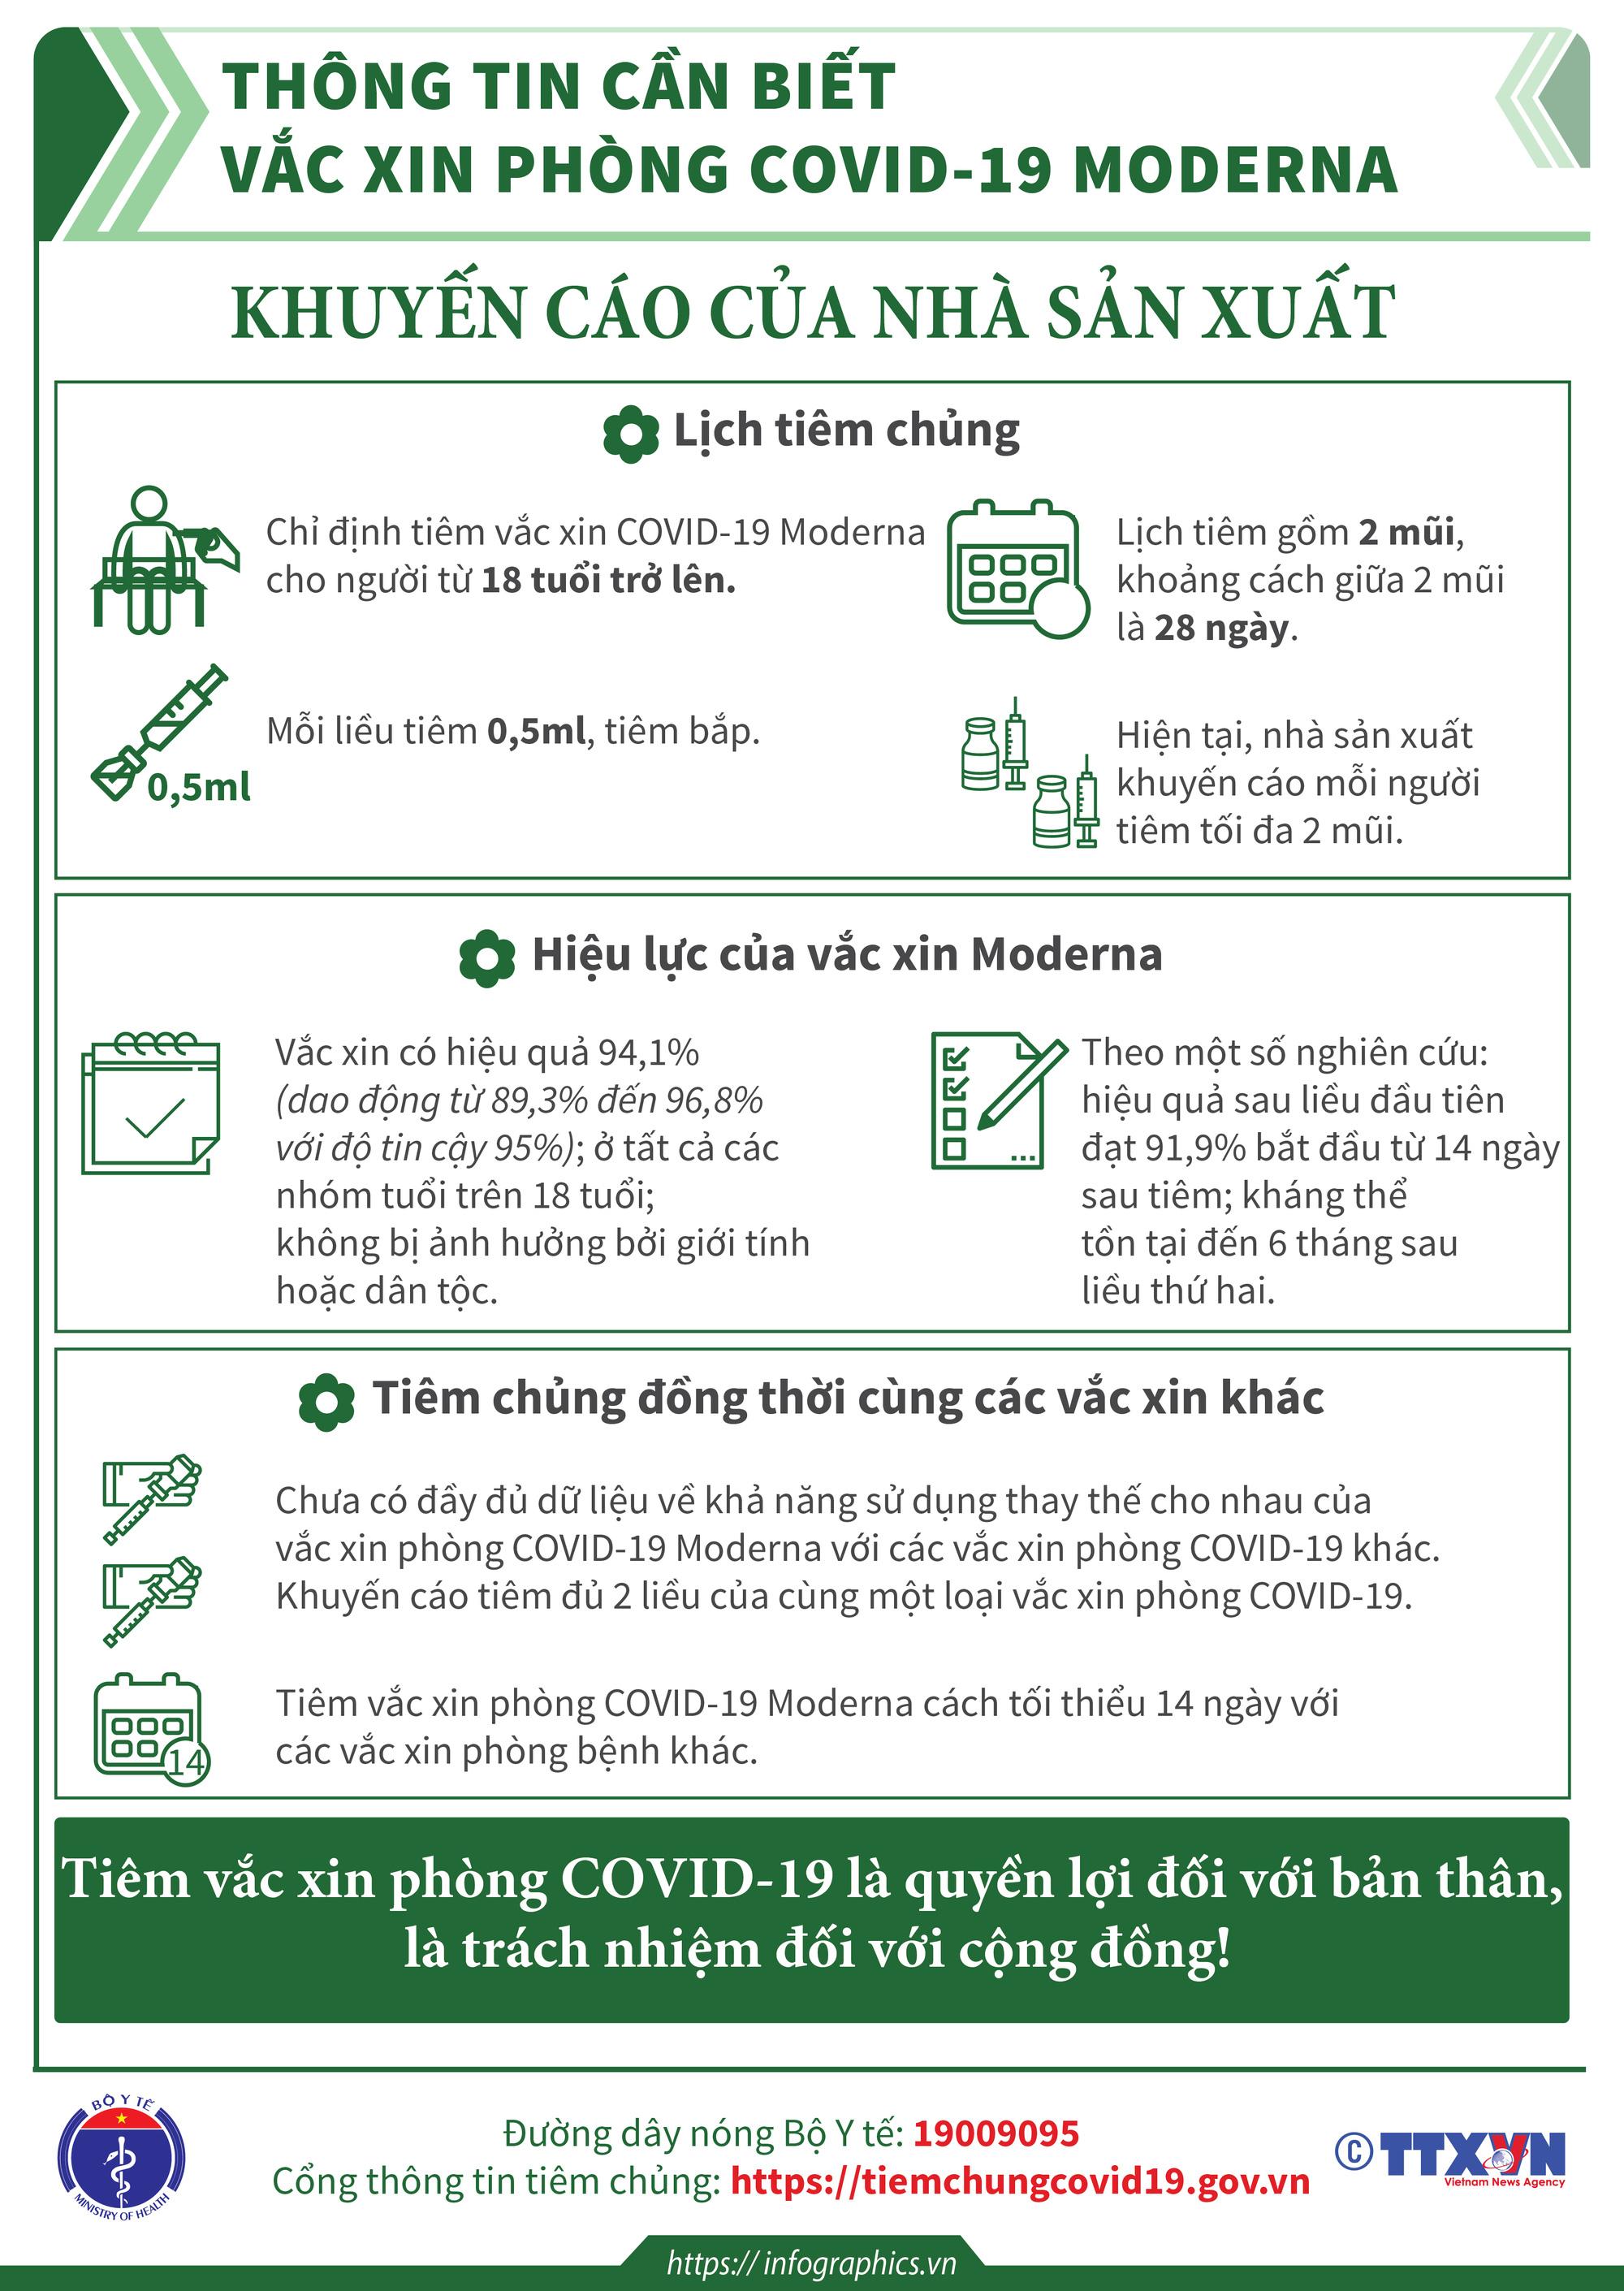 Thông tin cần biết về một số vaccine COVID-19 đang triển khai tiêm chủng tại Việt Nam. - Ảnh 7.